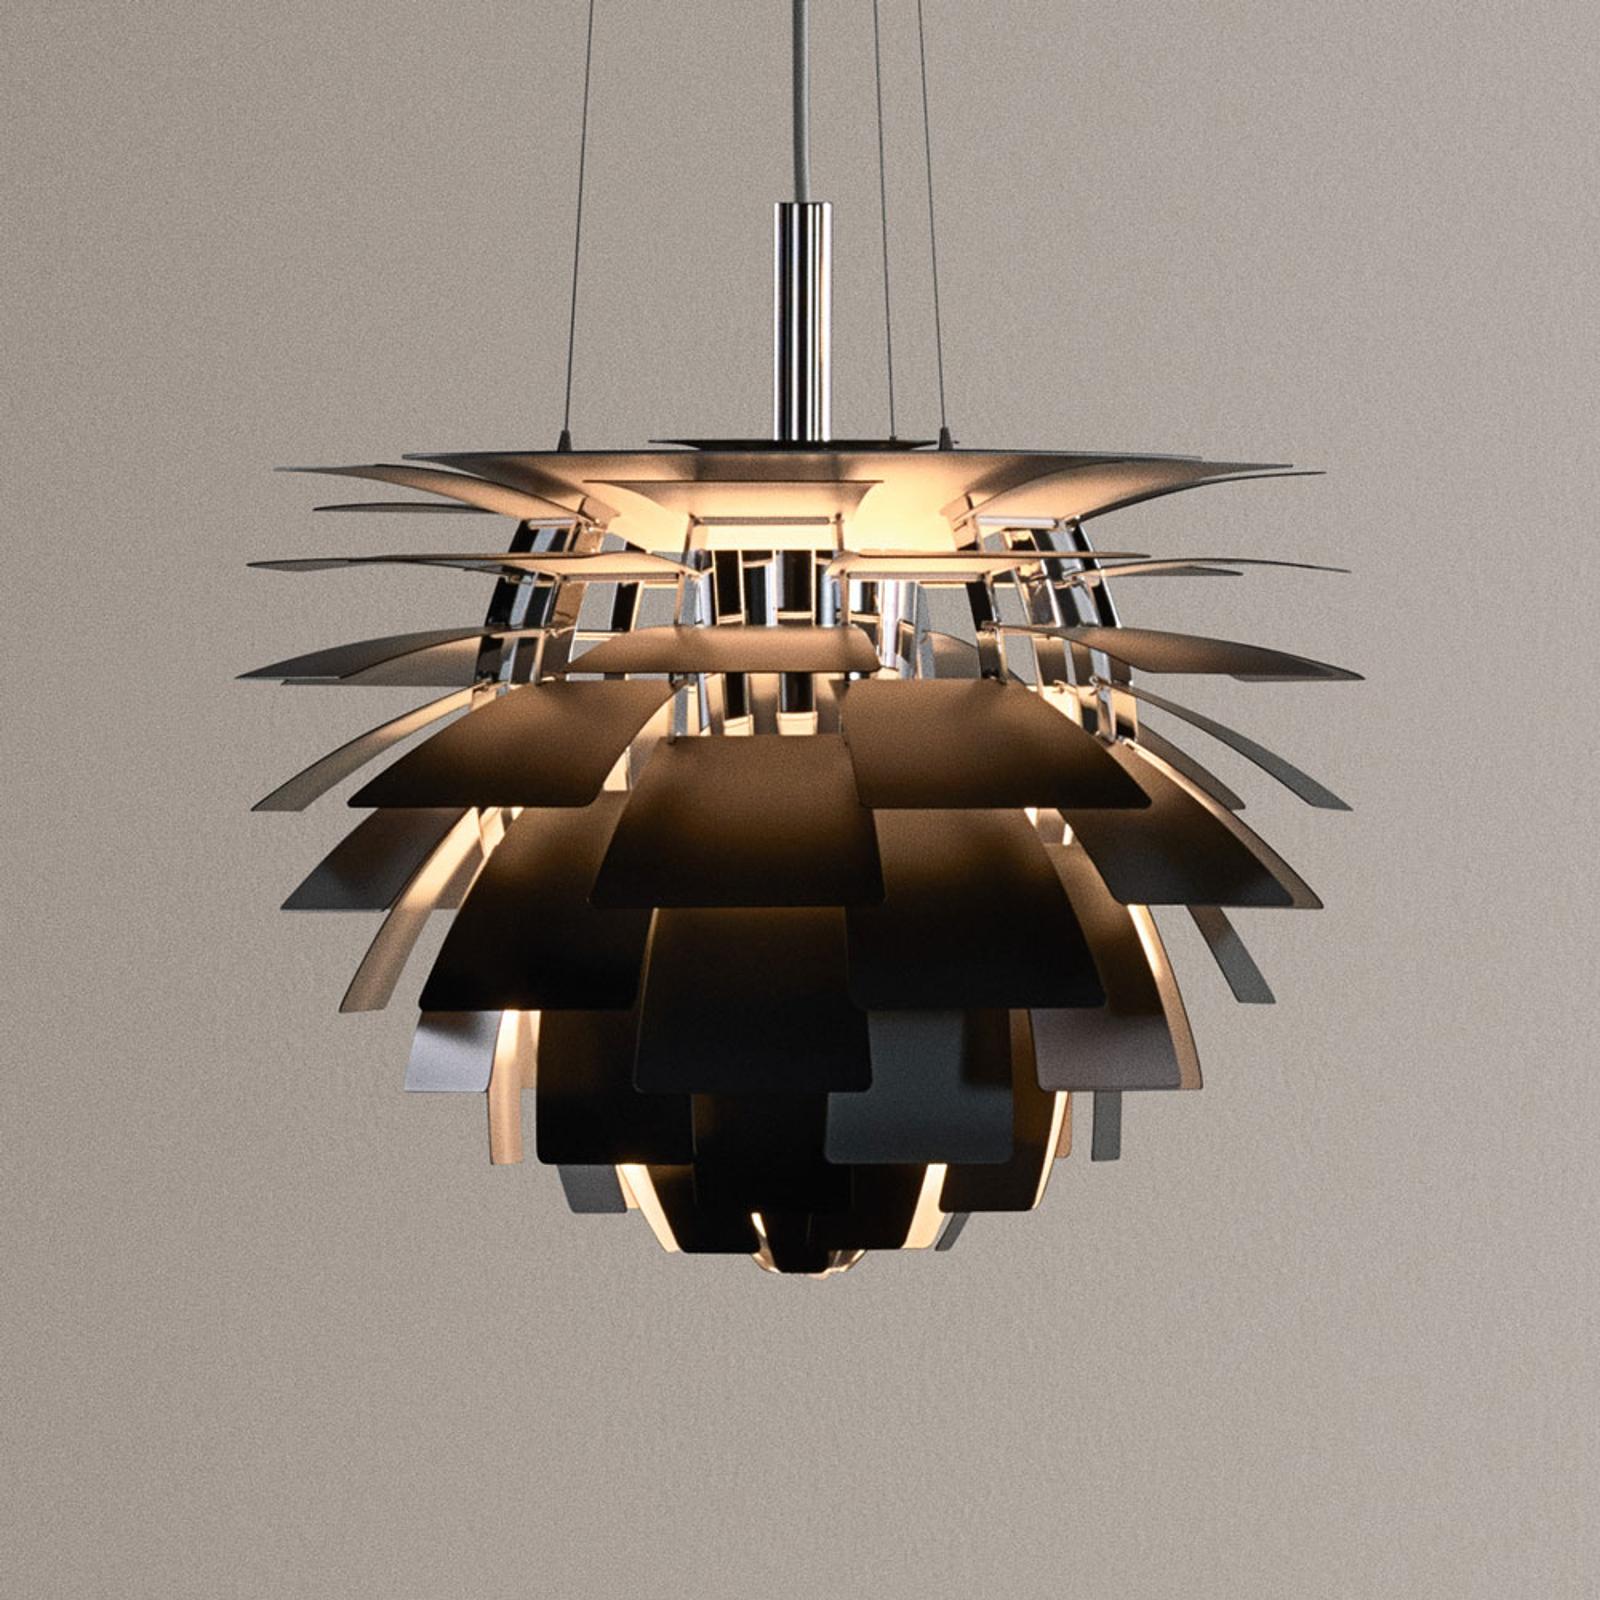 Louis Poulsen PH Artichoke hængelampe, sort, 48 cm